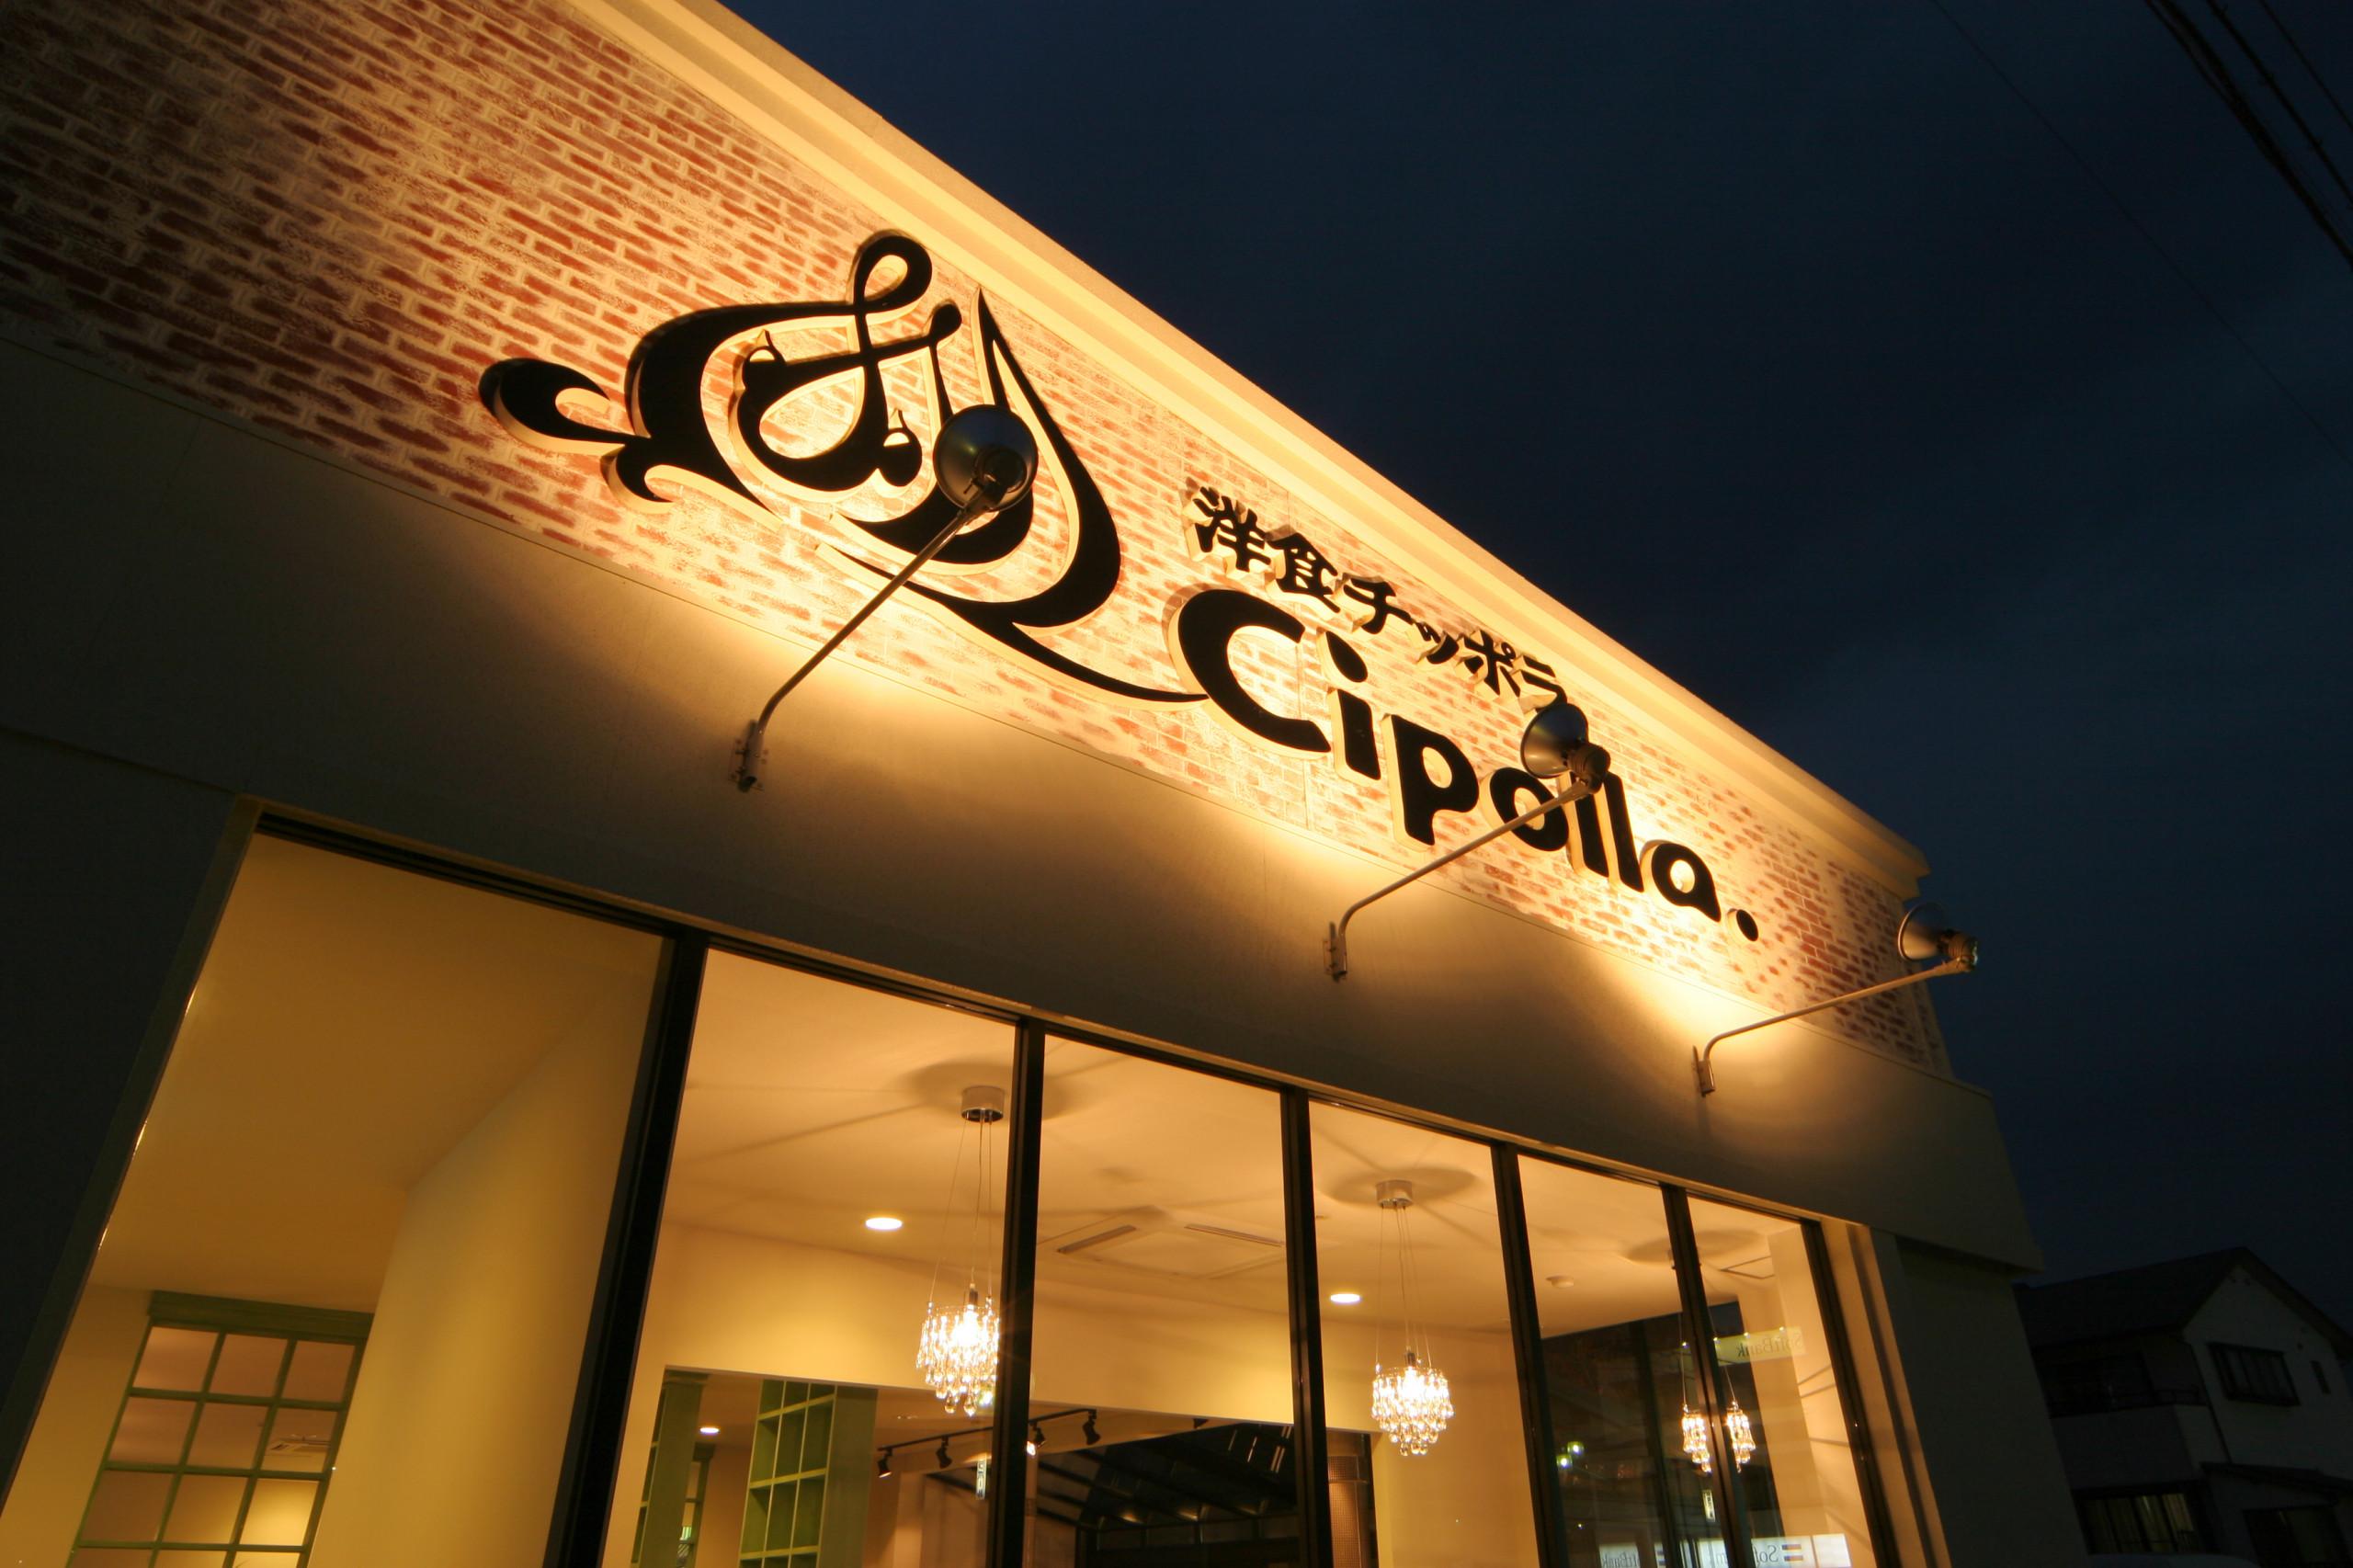 ファミリーレストランを洋食屋さんにリノベーション 洋食チッポラ